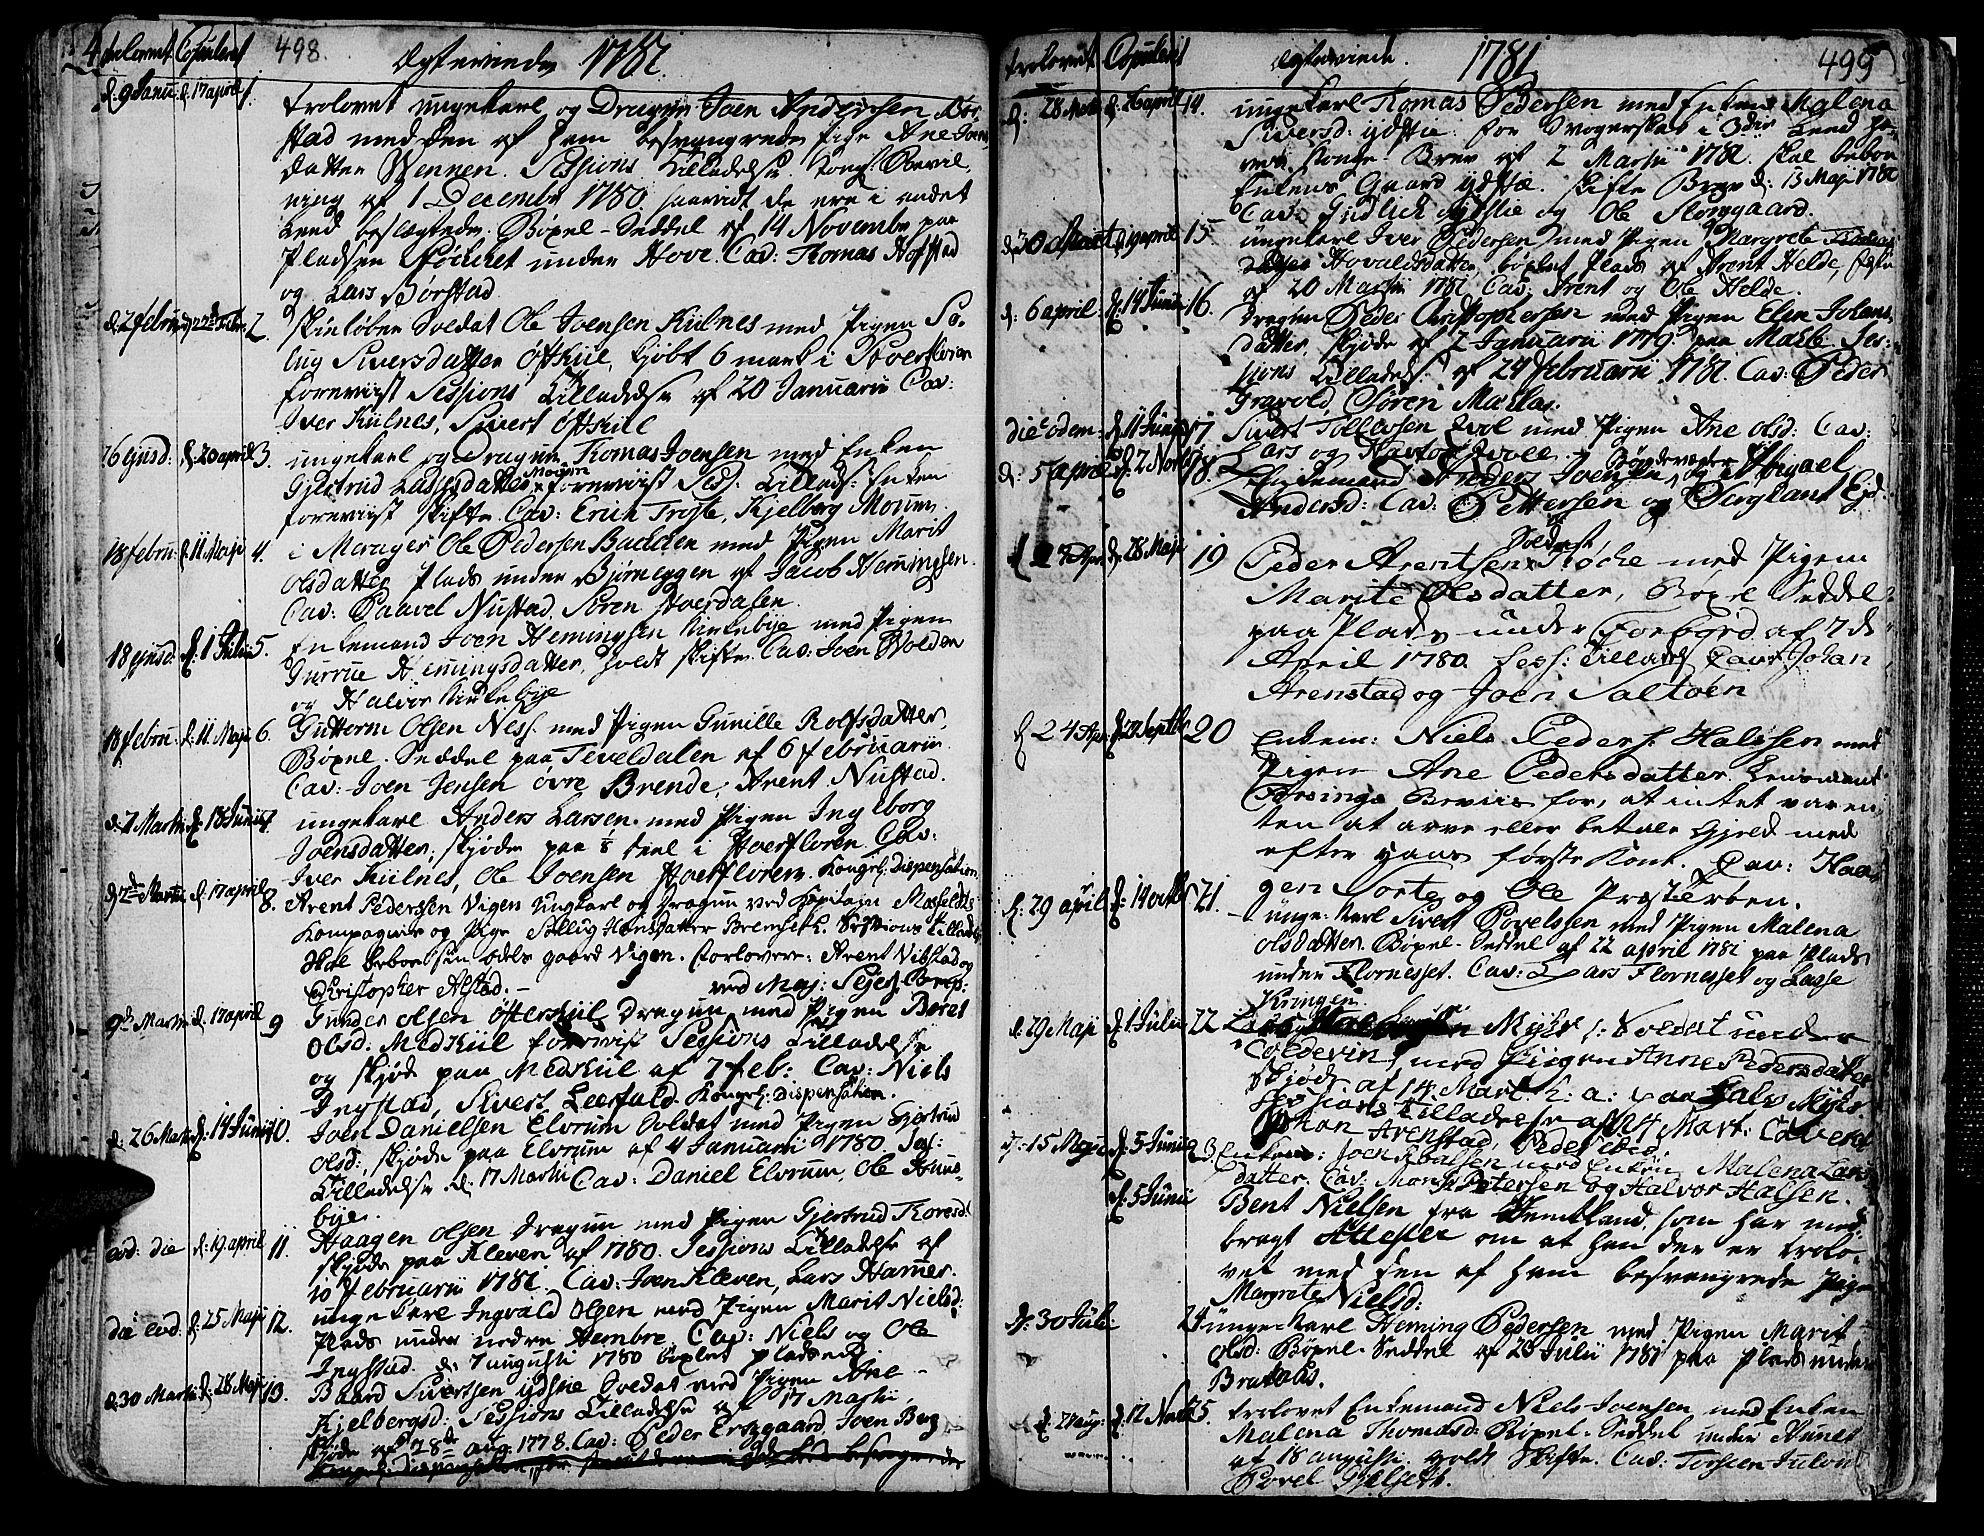 SAT, Ministerialprotokoller, klokkerbøker og fødselsregistre - Nord-Trøndelag, 709/L0059: Ministerialbok nr. 709A06, 1781-1797, s. 498-499